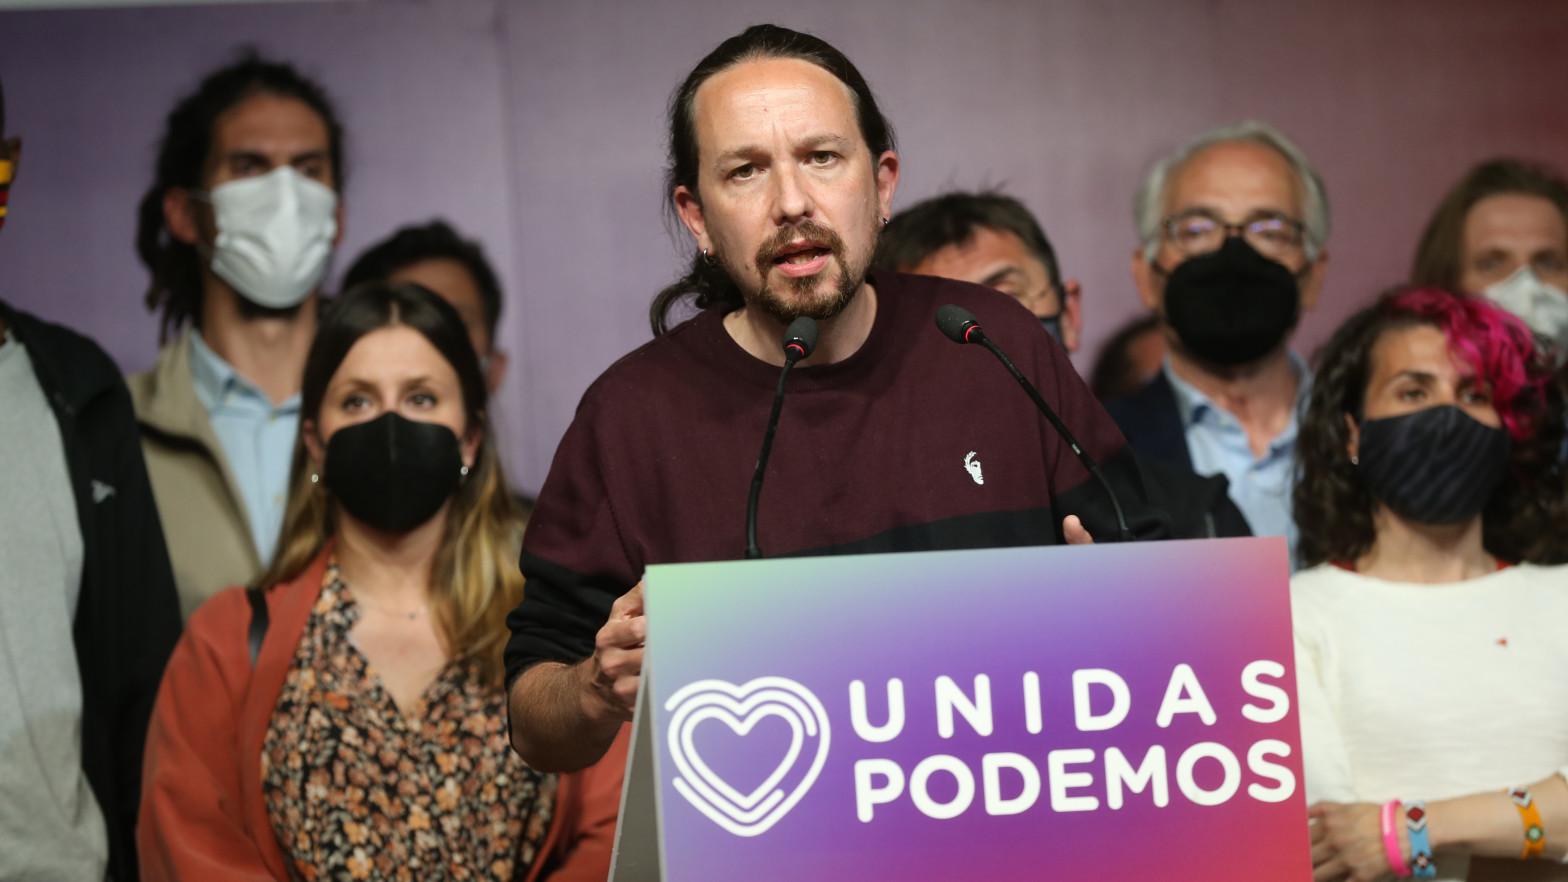 Varios empleados de Podemos declaran ante el juez que trabajaron con gente de Neurona